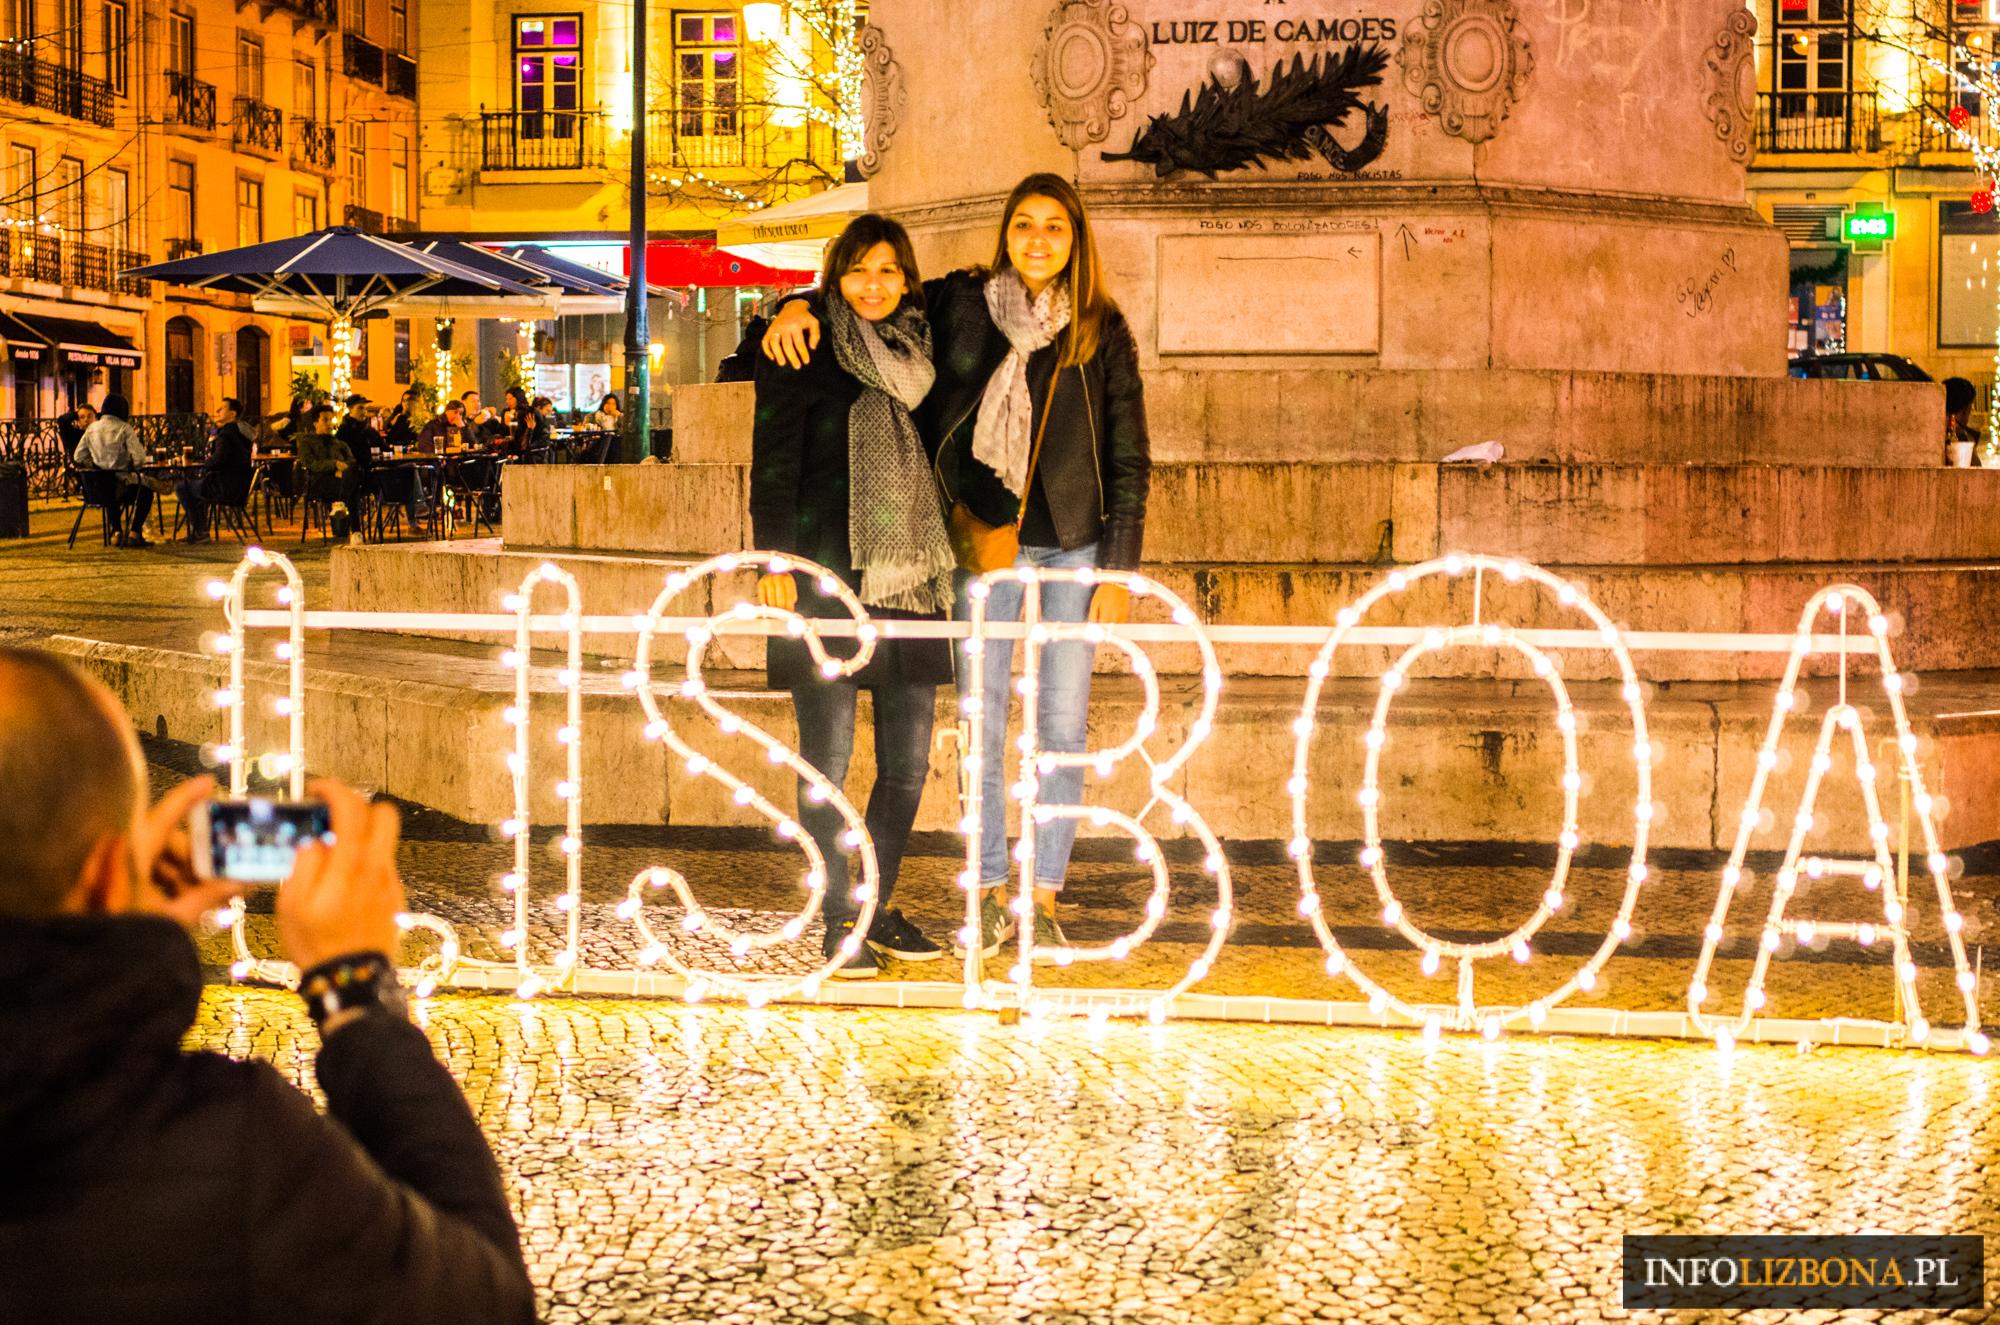 Sylwester 2018 Nowy Rok 2019 Lizbona w Lizbonie Program Zwiedzanie Przewodnik Koncerty Imprezy Wydarzenia Co Robić Portugalia.